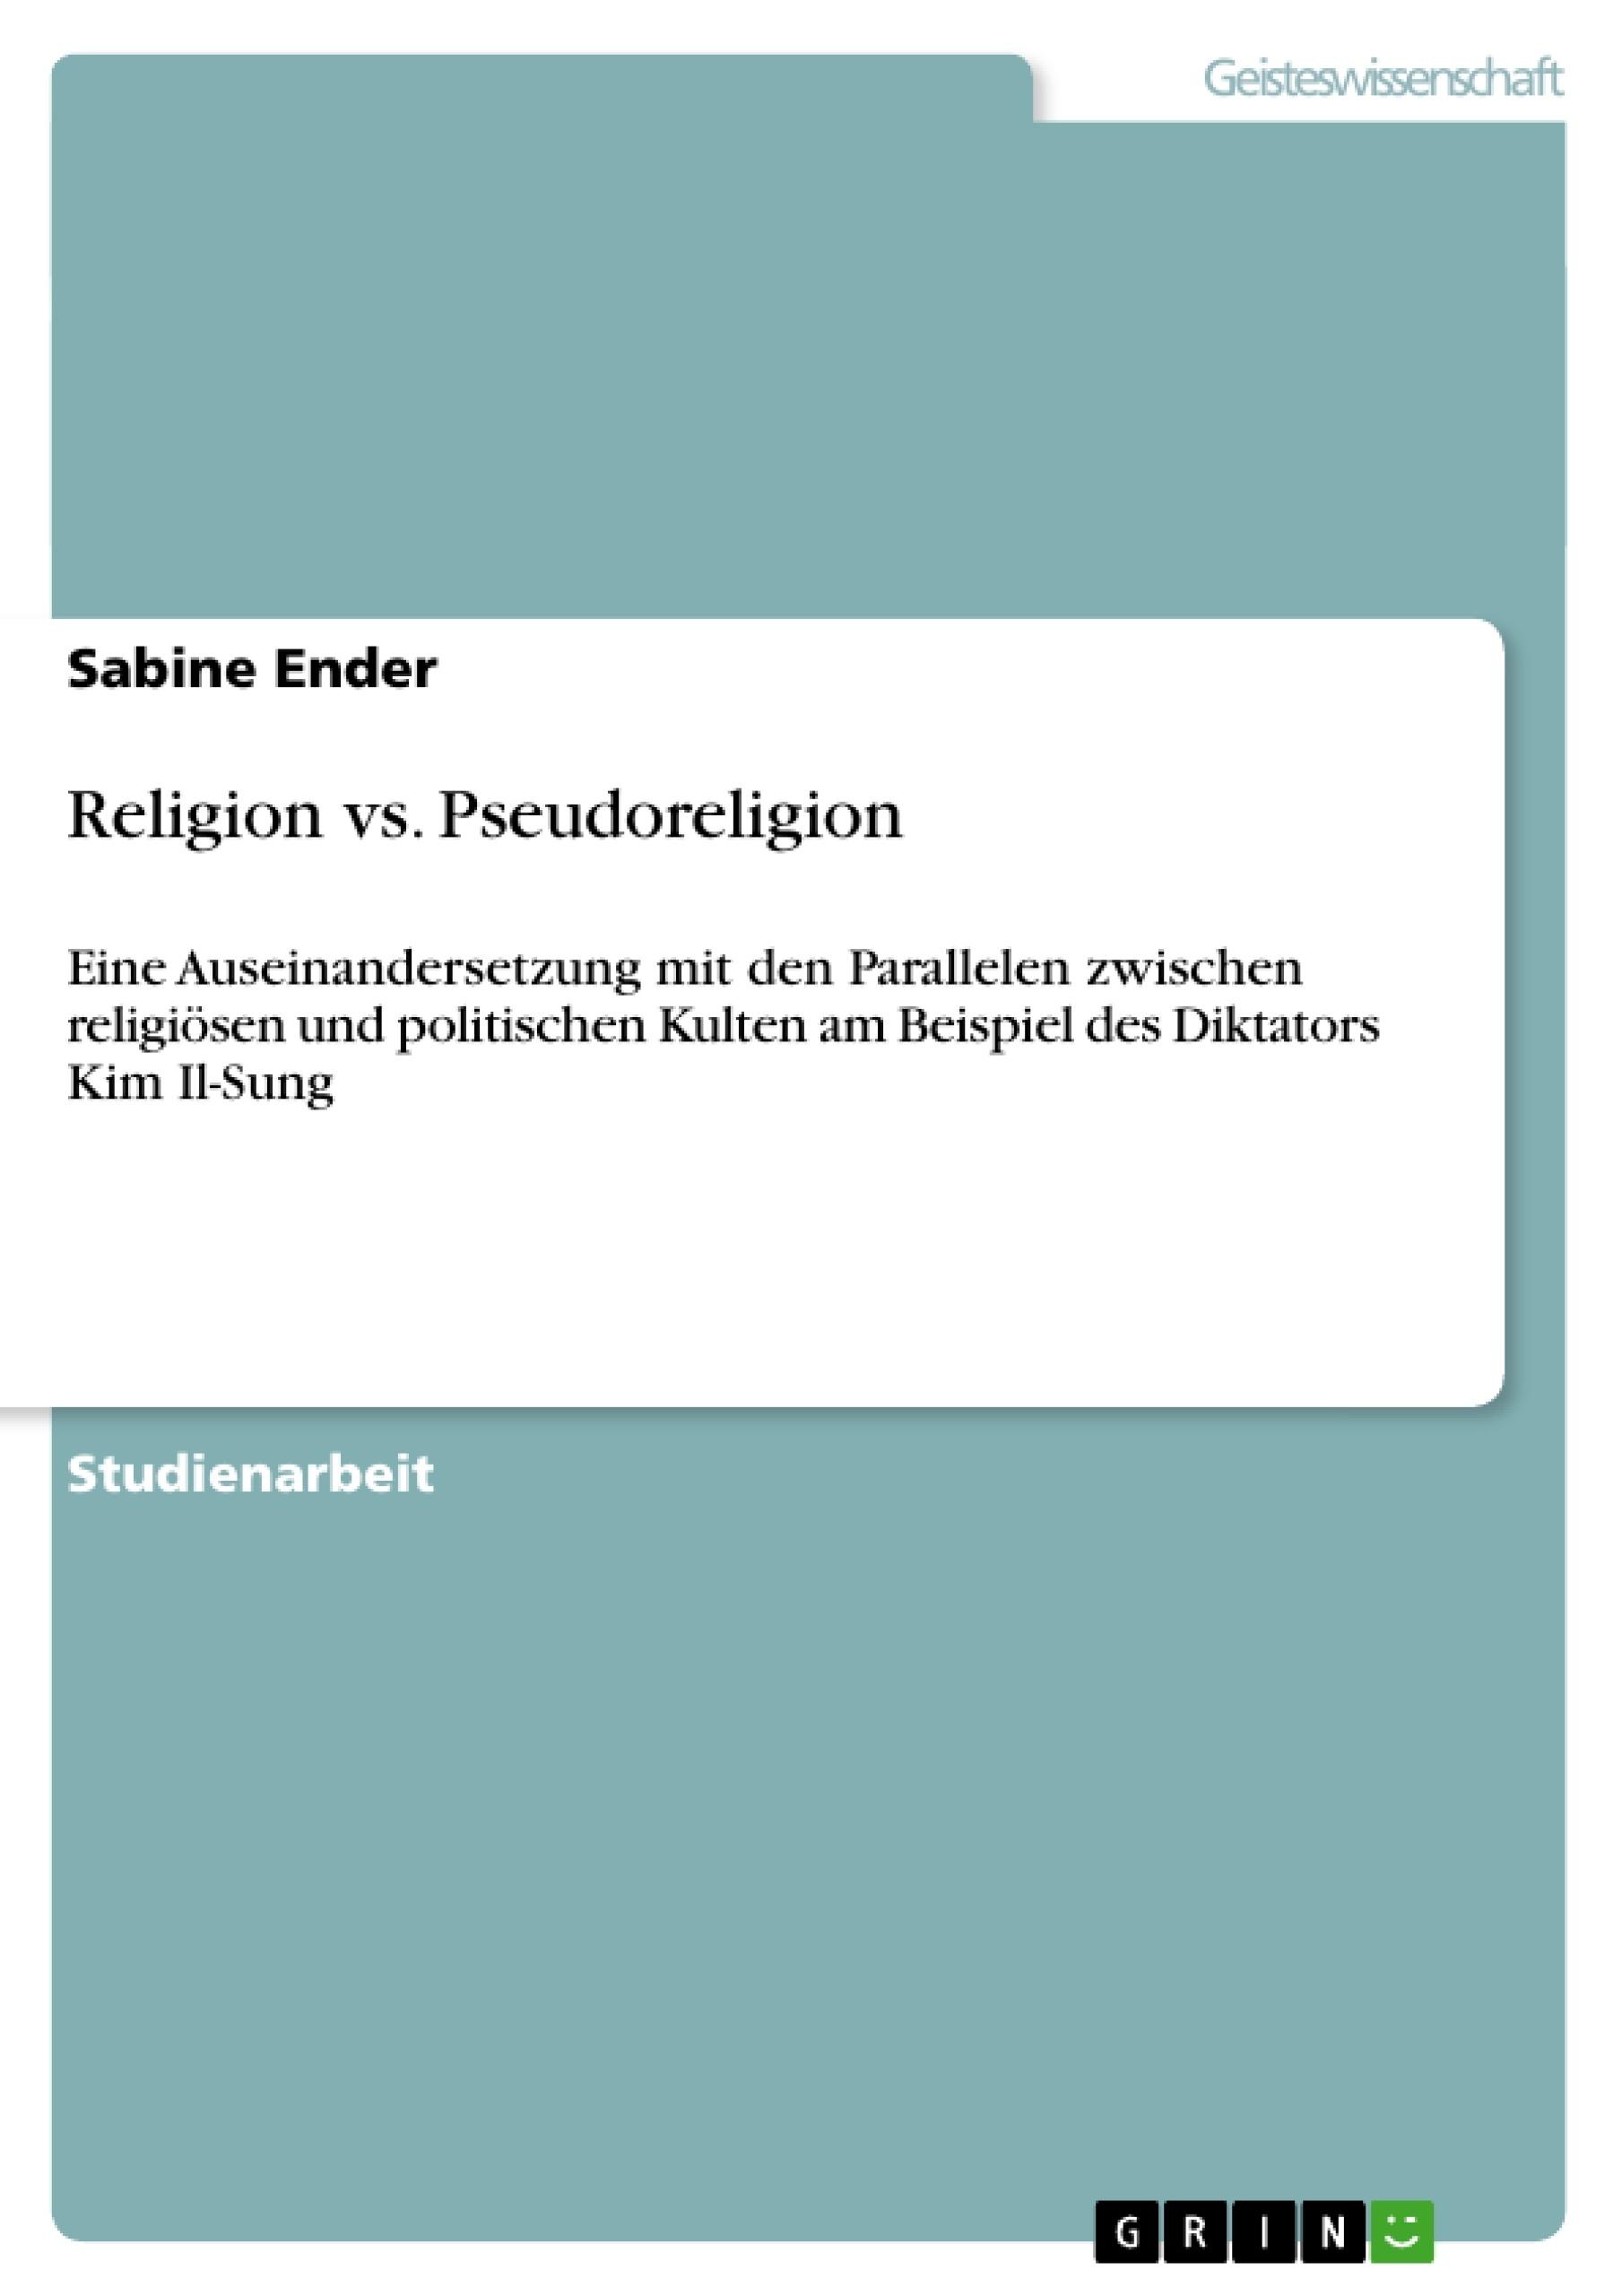 Titel: Religion vs. Pseudoreligion